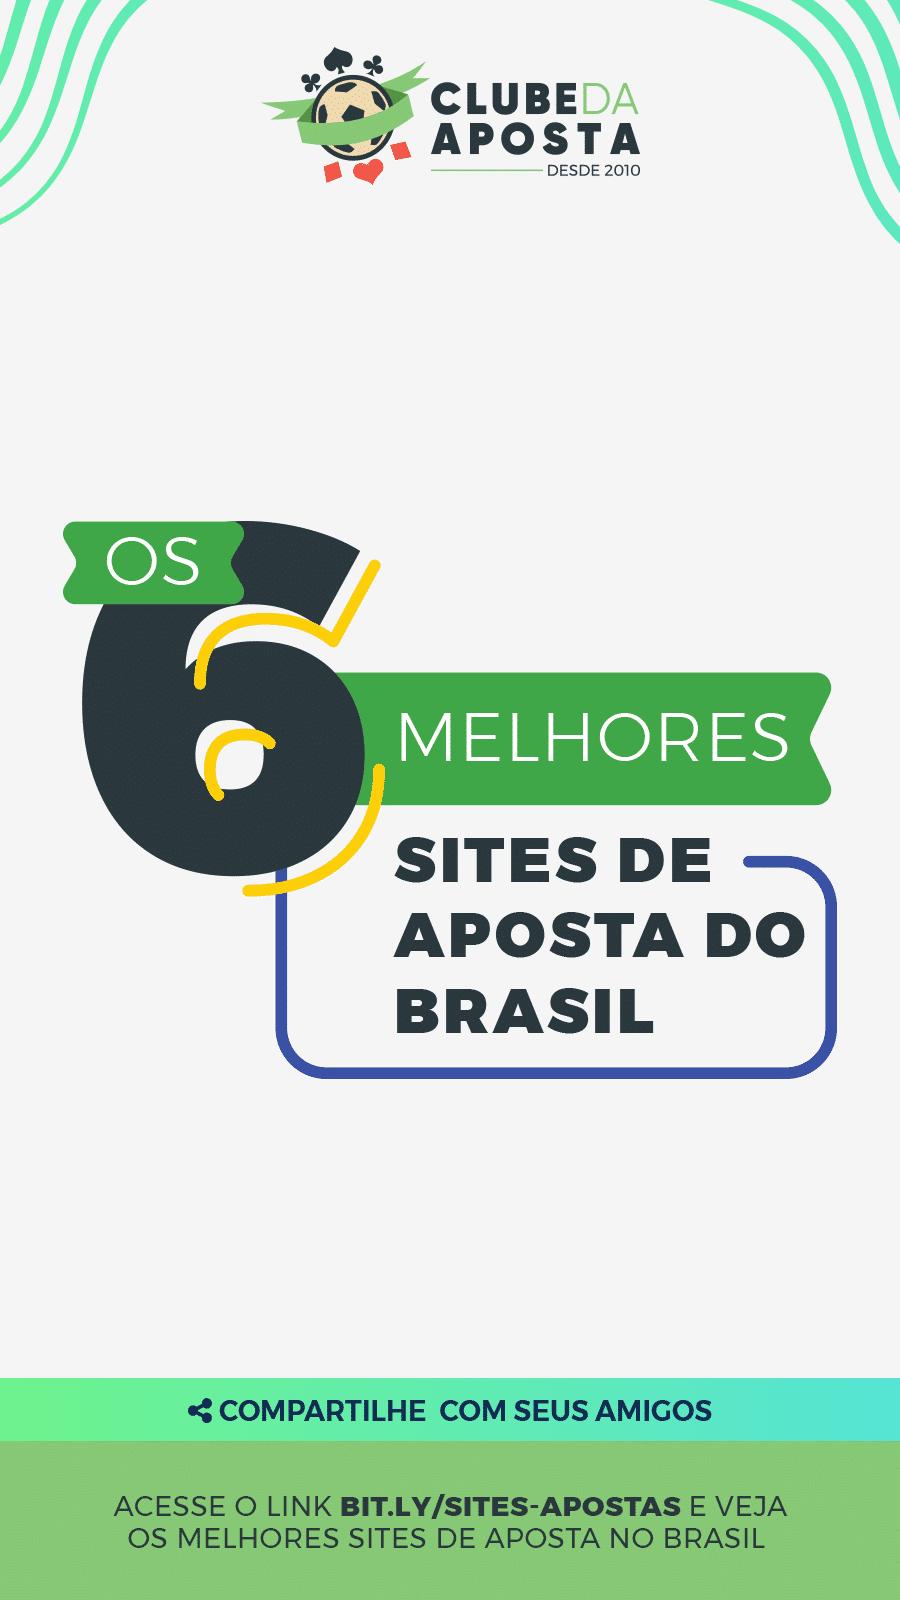 Casino online legales casas de apuestas en Rio de Janeiro 31792